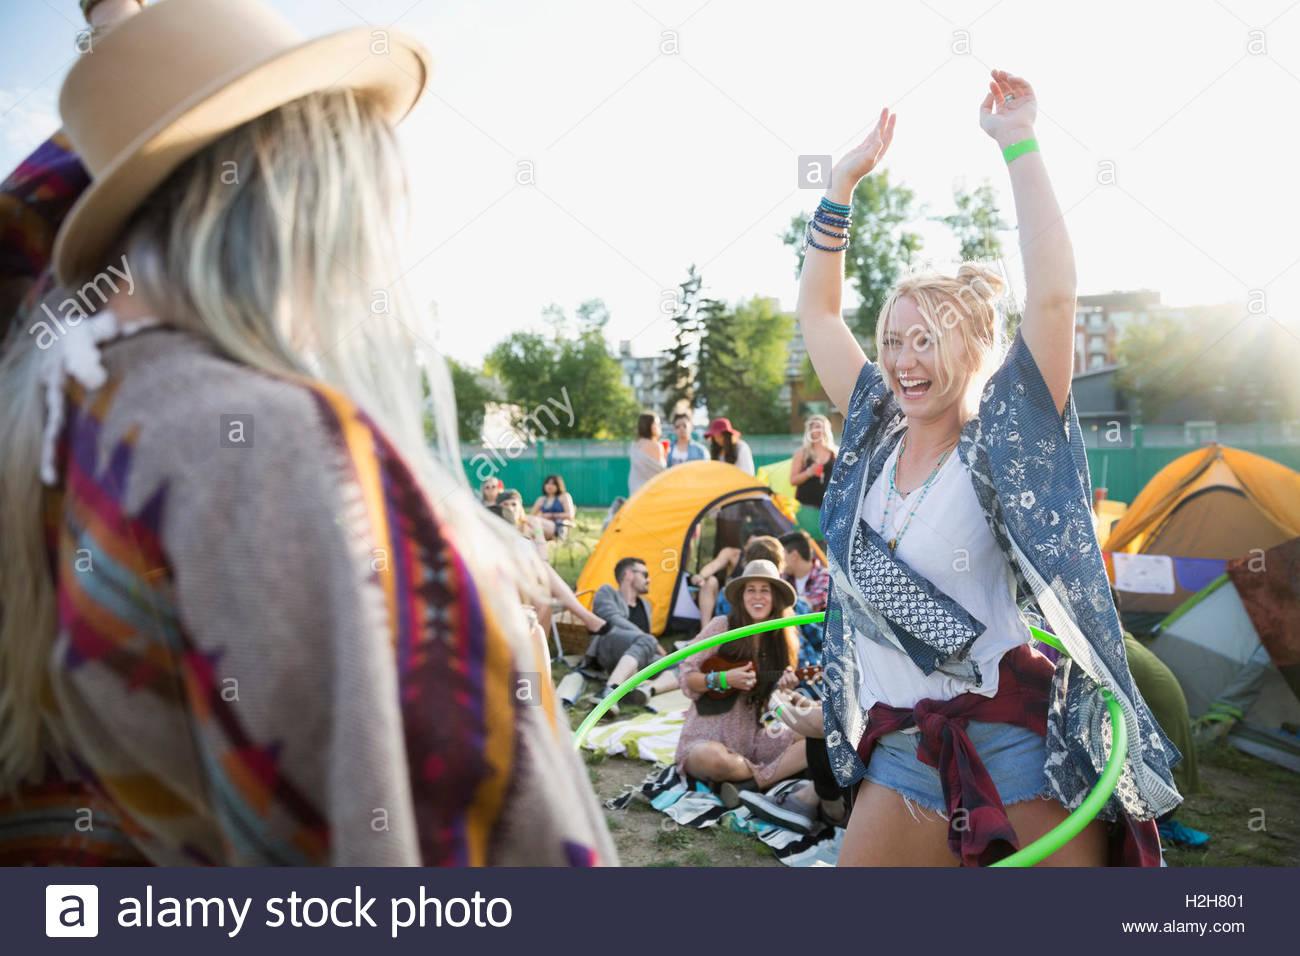 Juguetón joven spinning con aro de plástico en el festival de música de verano camping Imagen De Stock